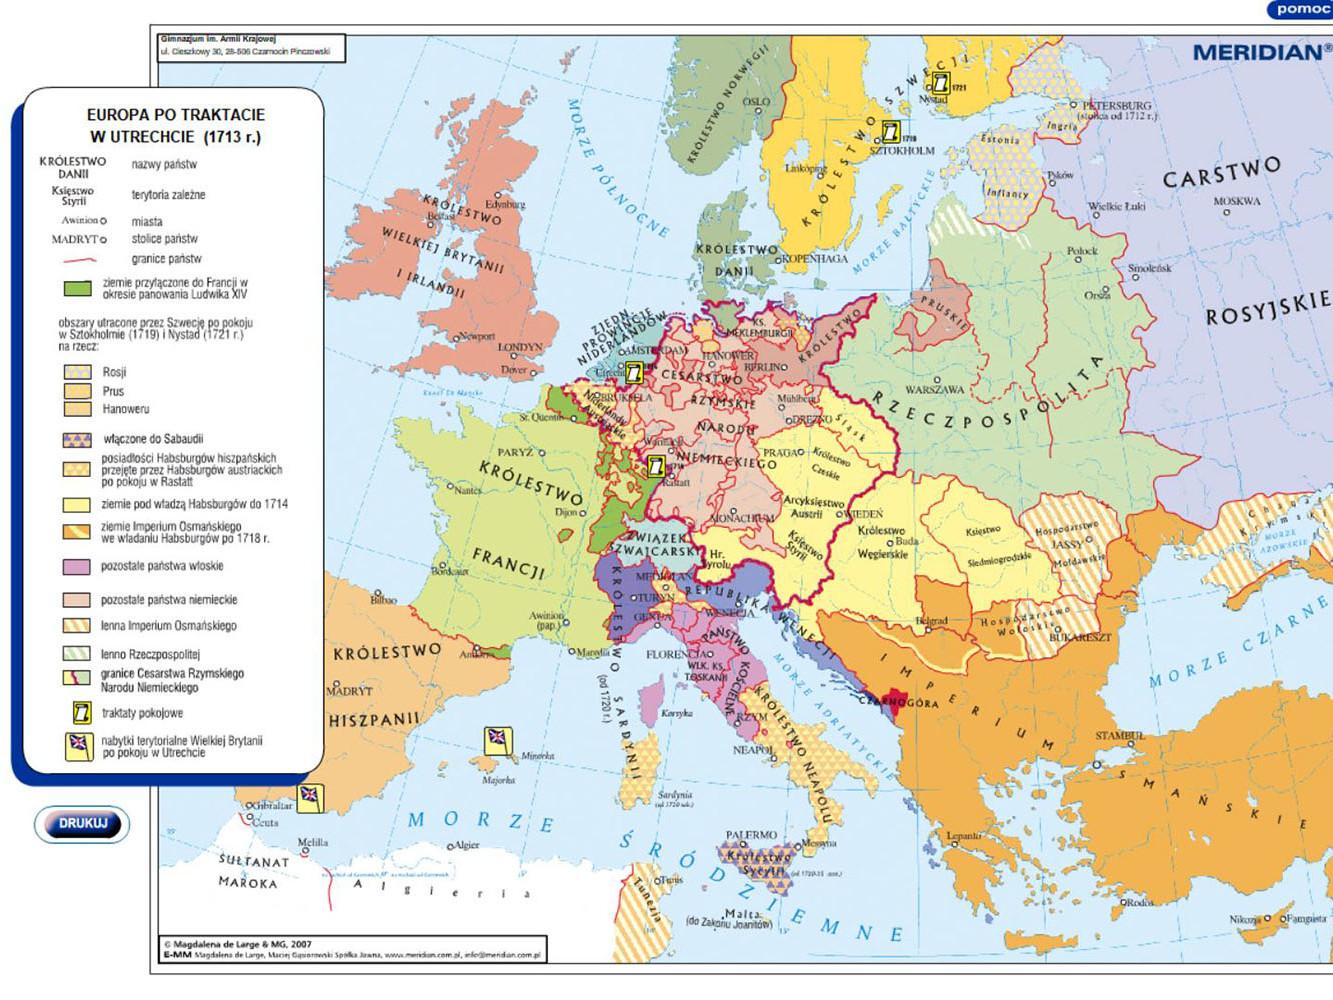 Europa po traktacie w Utrechcie 1713r